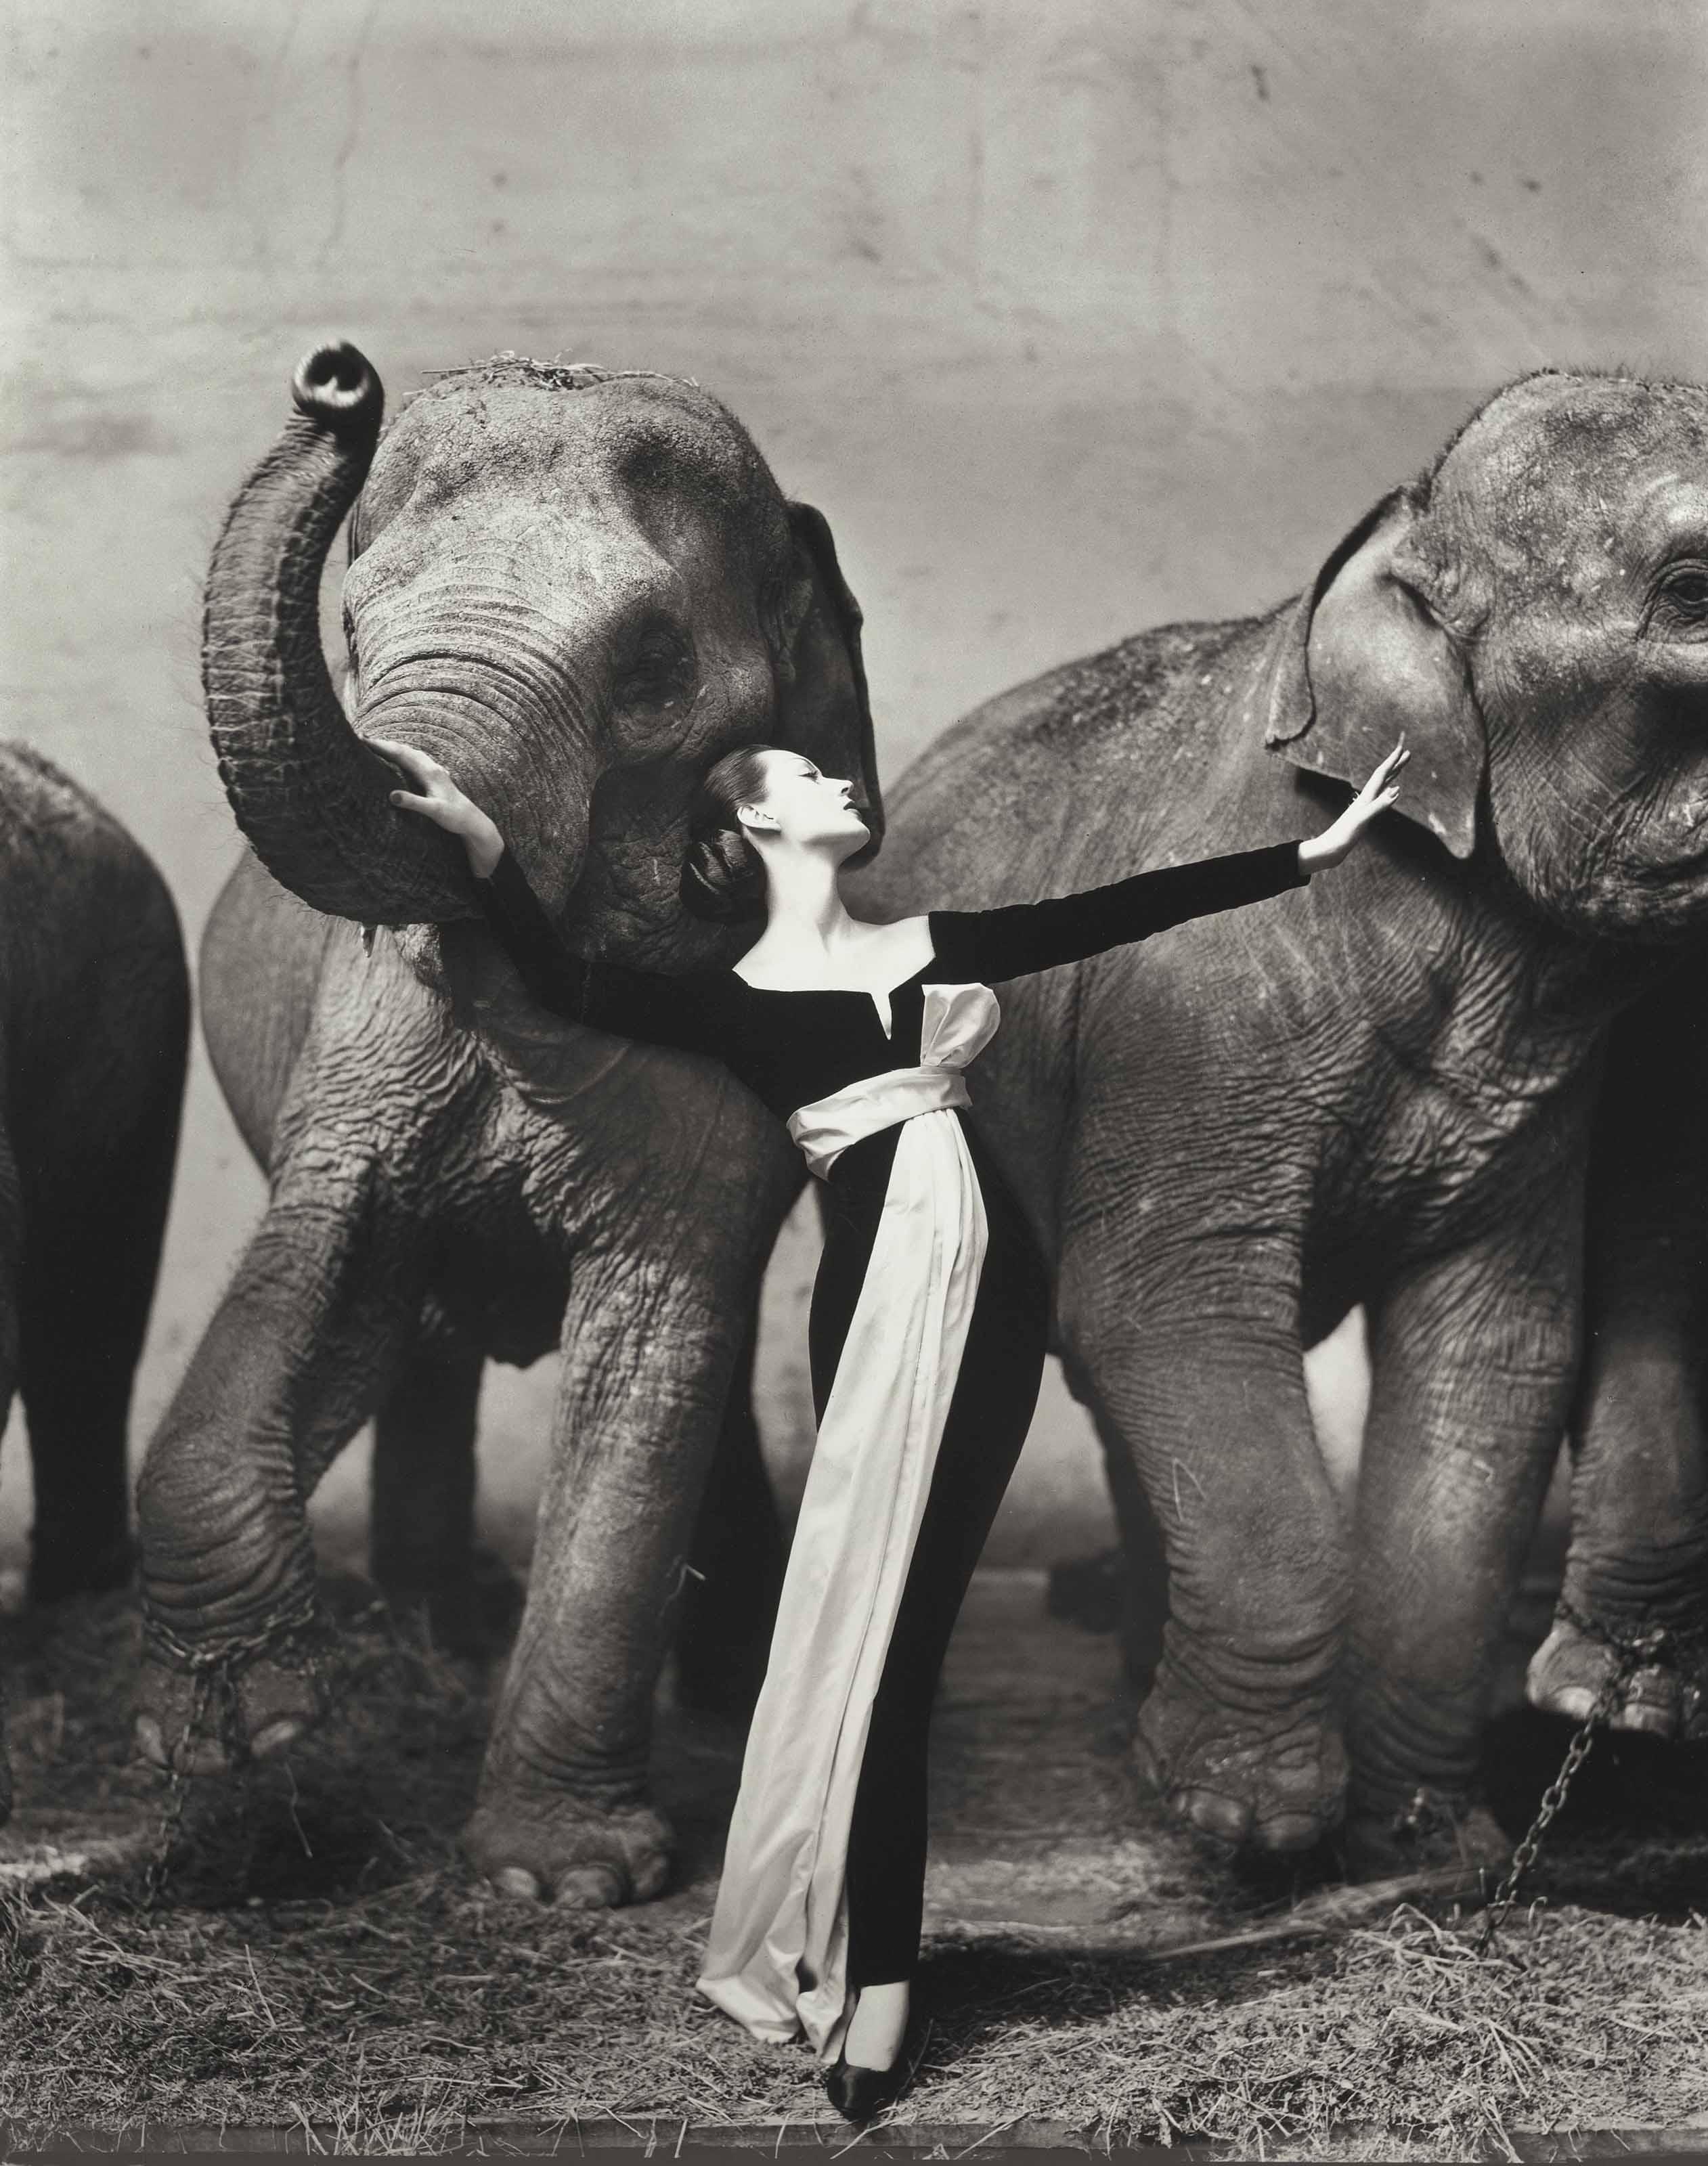 Dovima with Elephants, Evening dress by Dior, Cirque d'Hiver, Paris, 1955